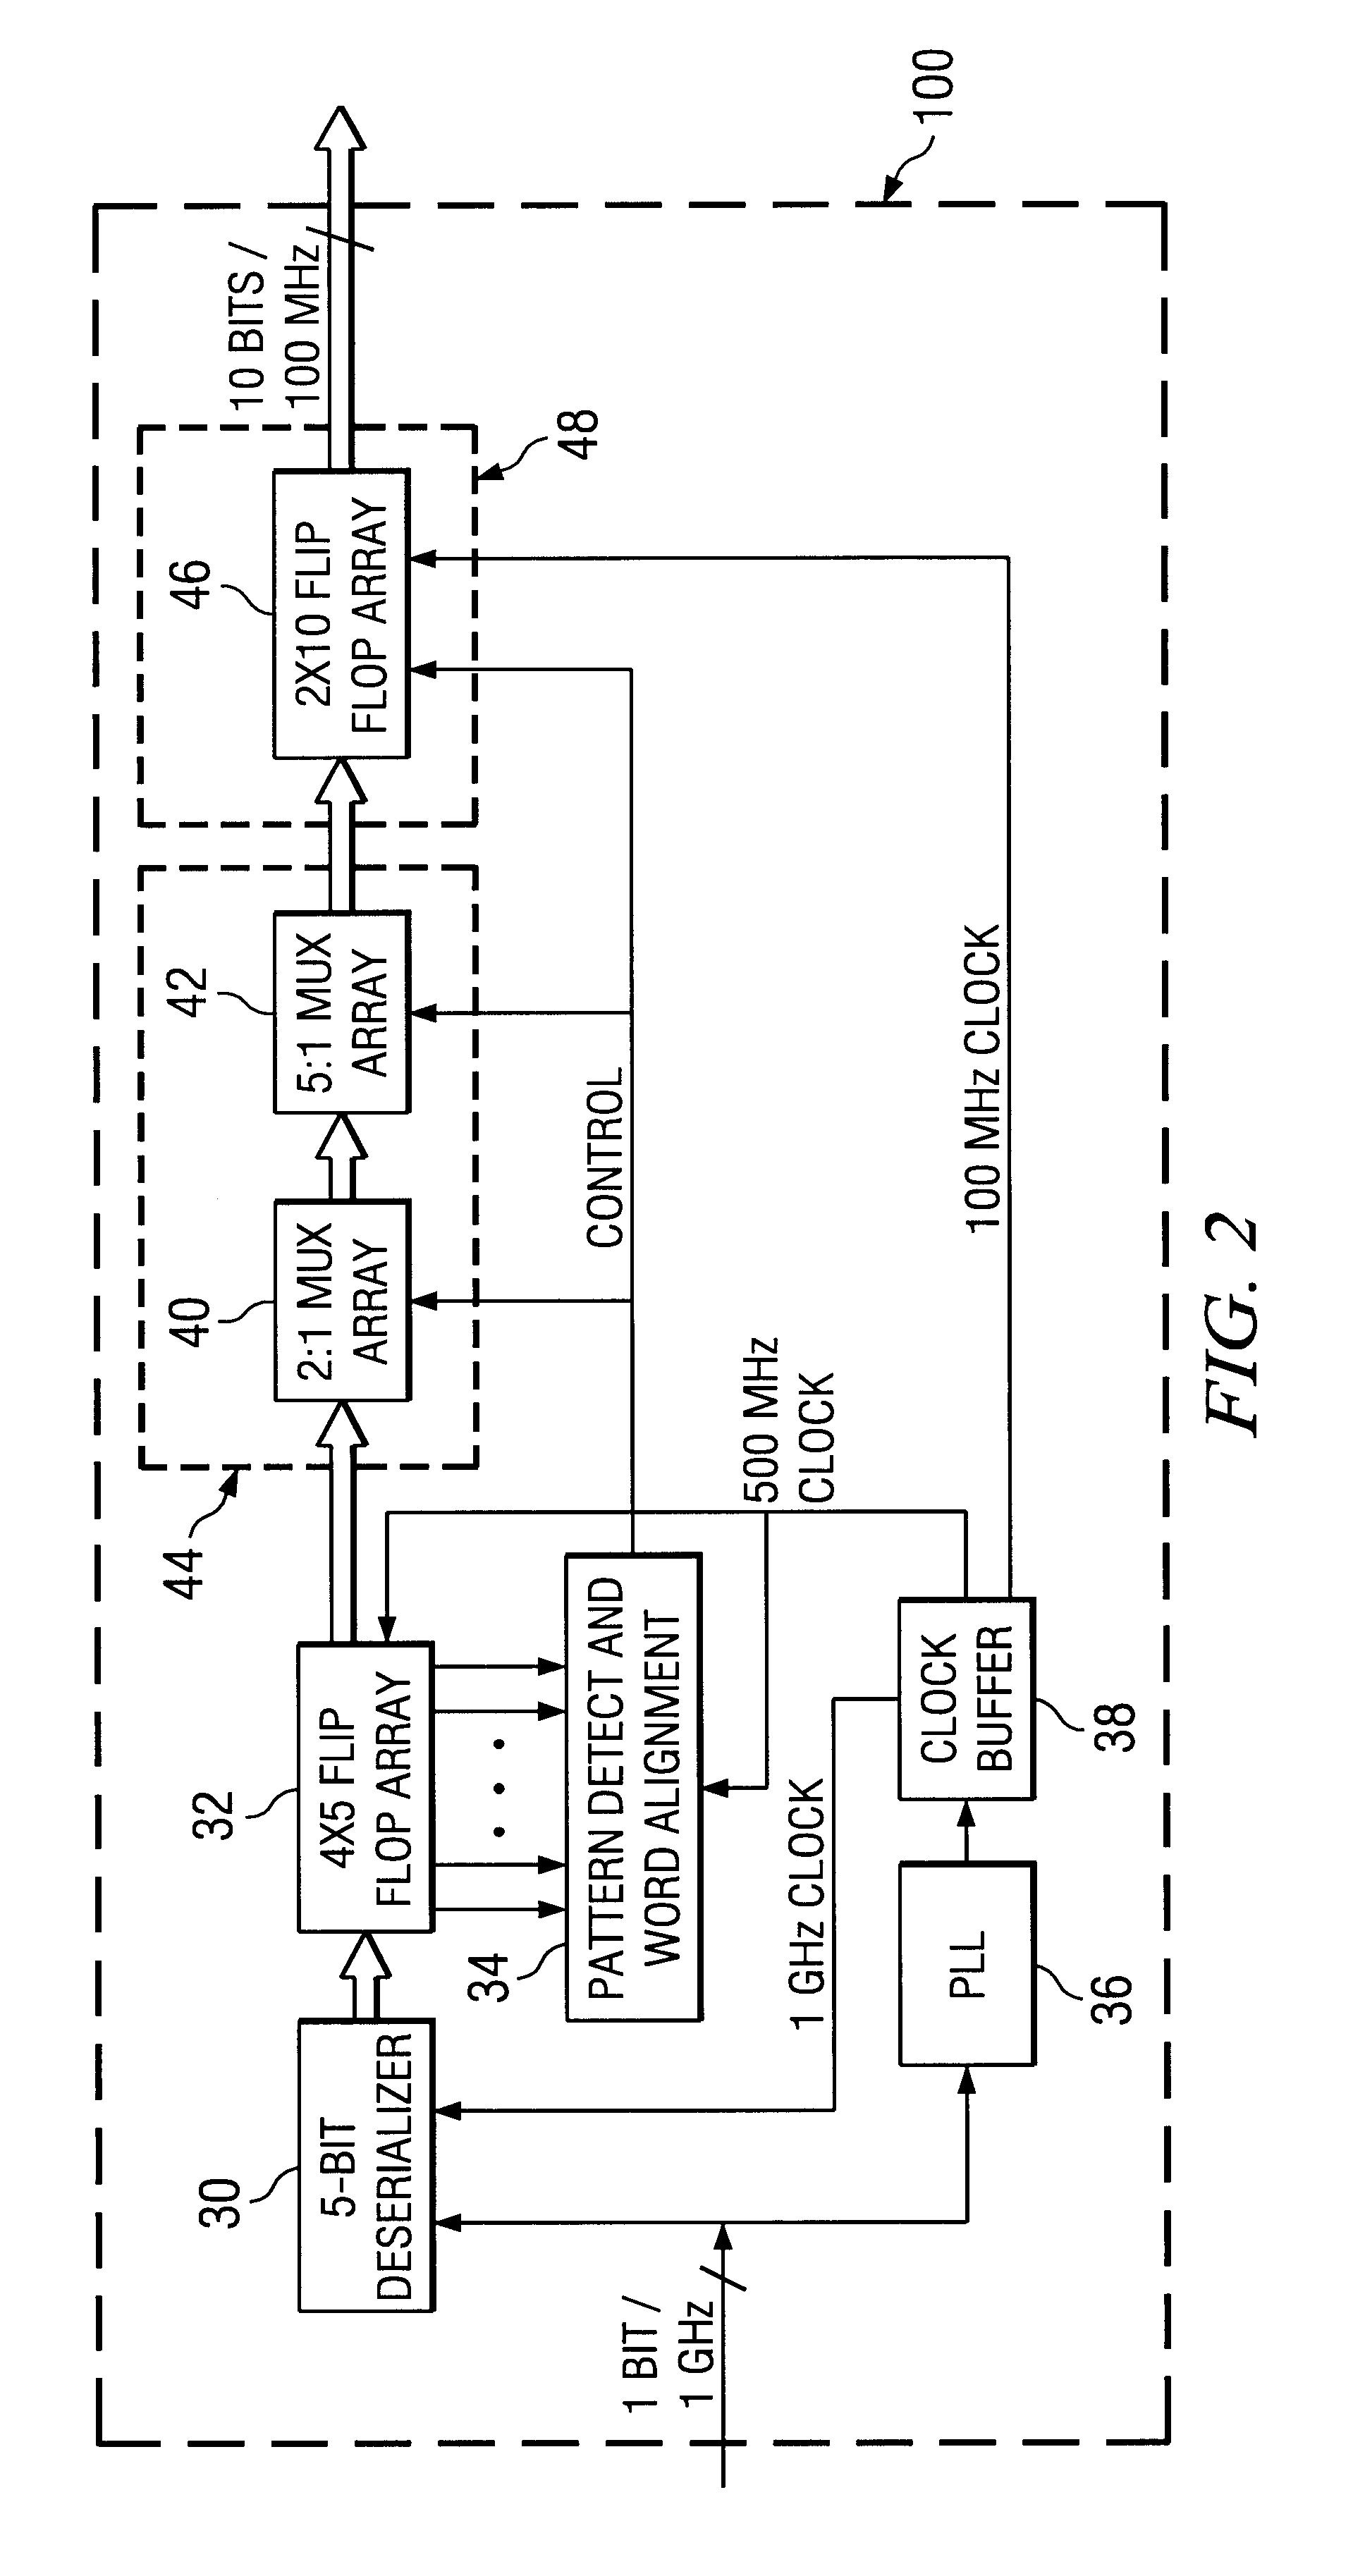 patent us6594275